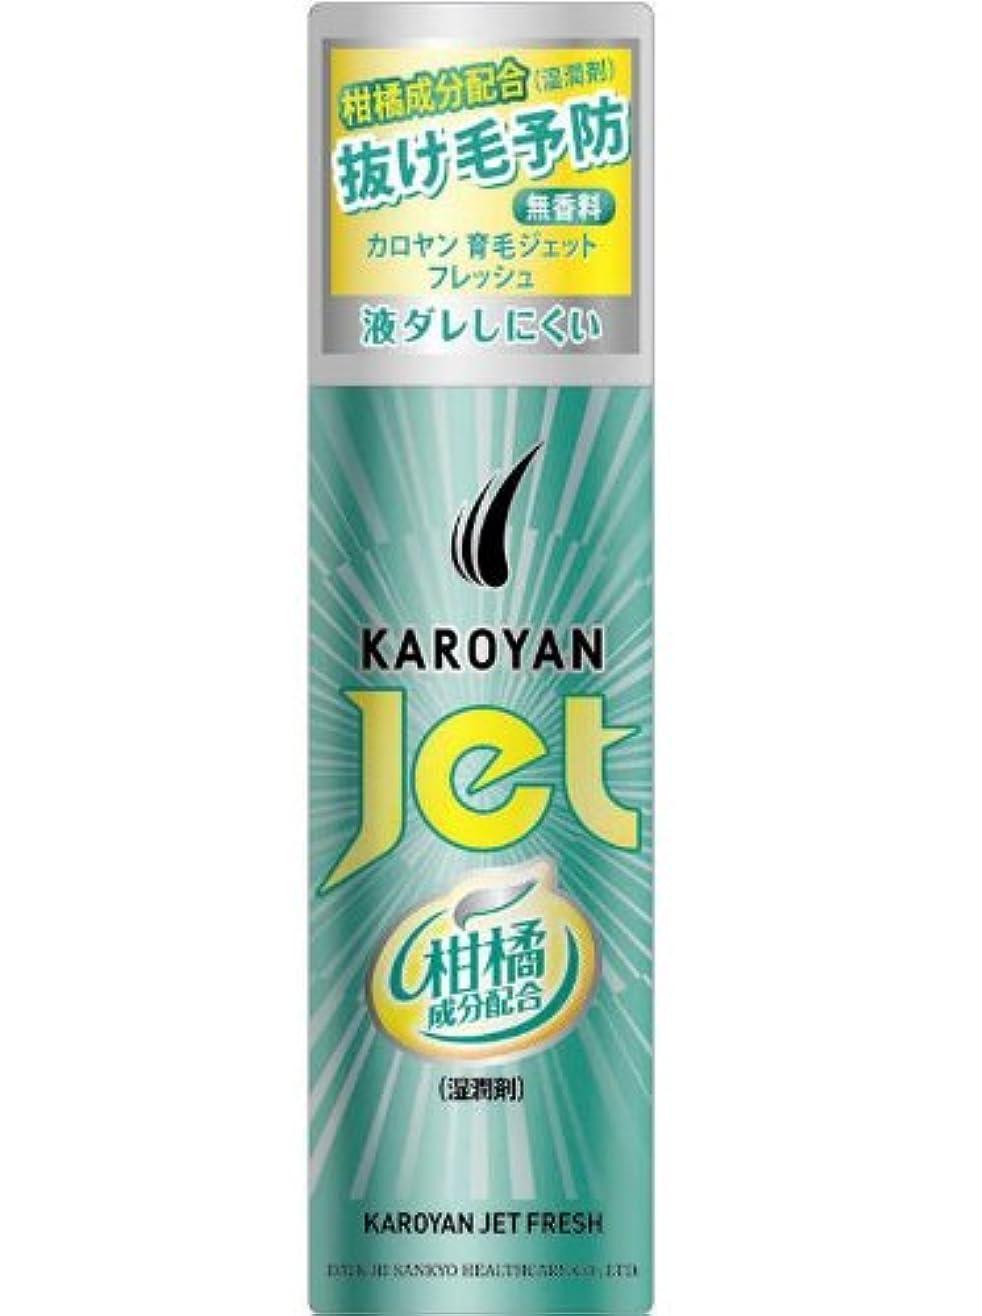 有名人オプショナルフェローシップカロヤン ジェット 無香料フレッシュ 185g 【医薬部外品】